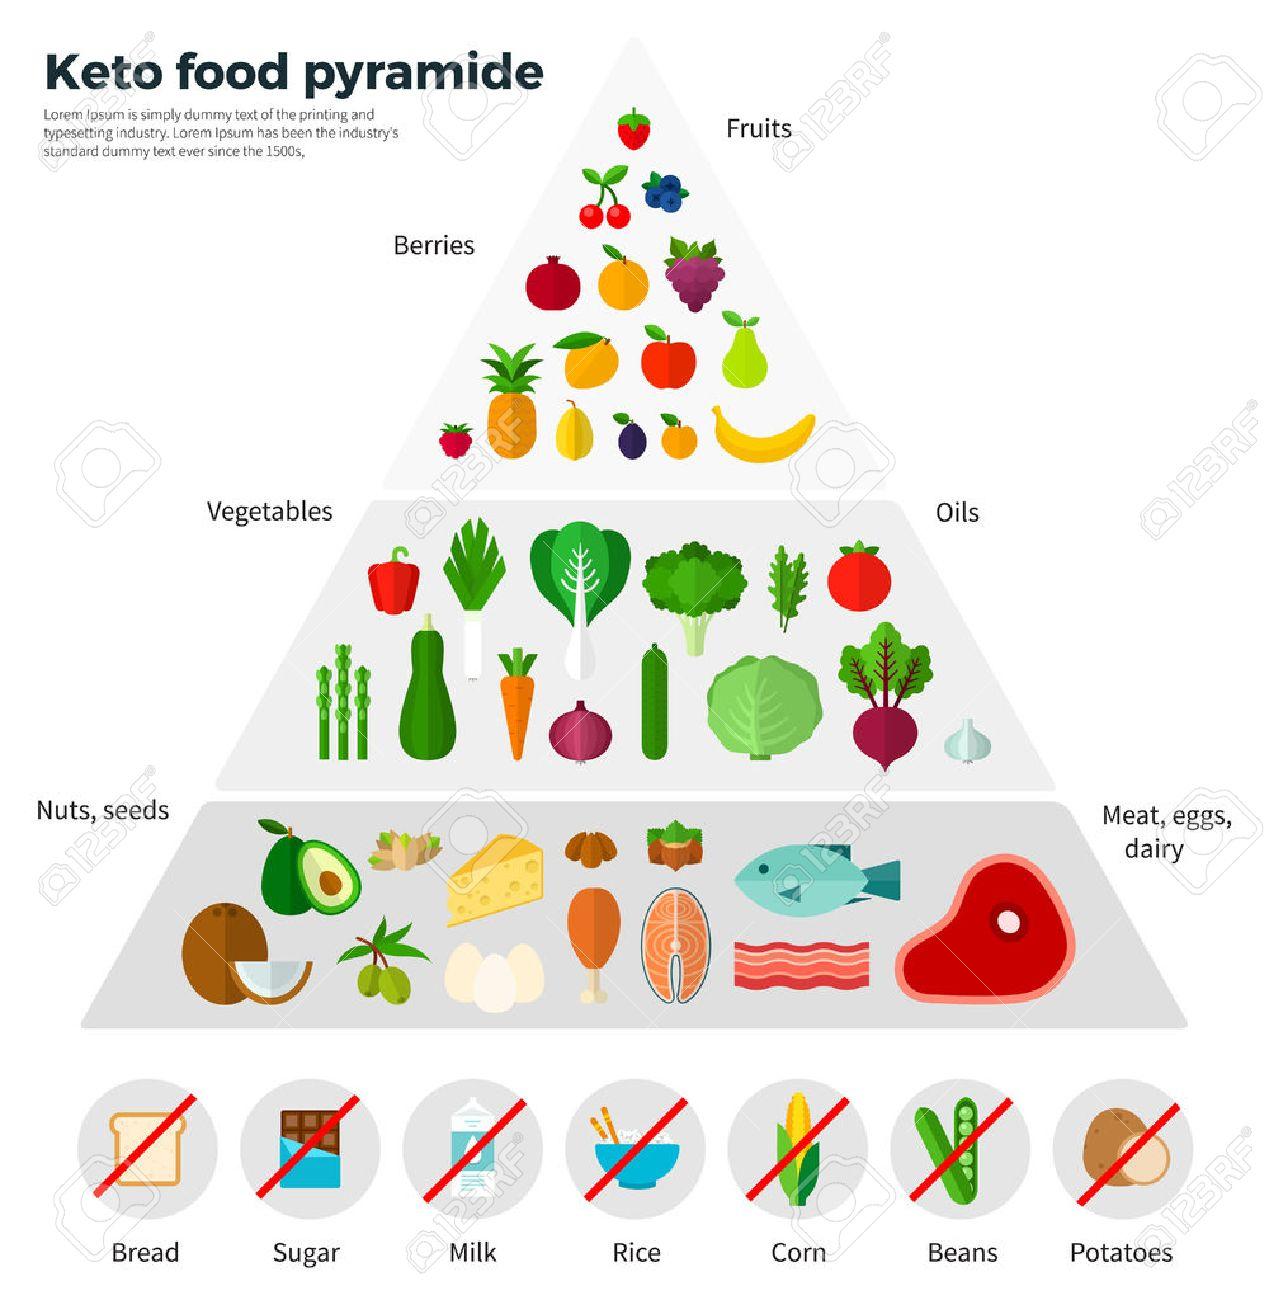 Pirámide nutricional de las carnes